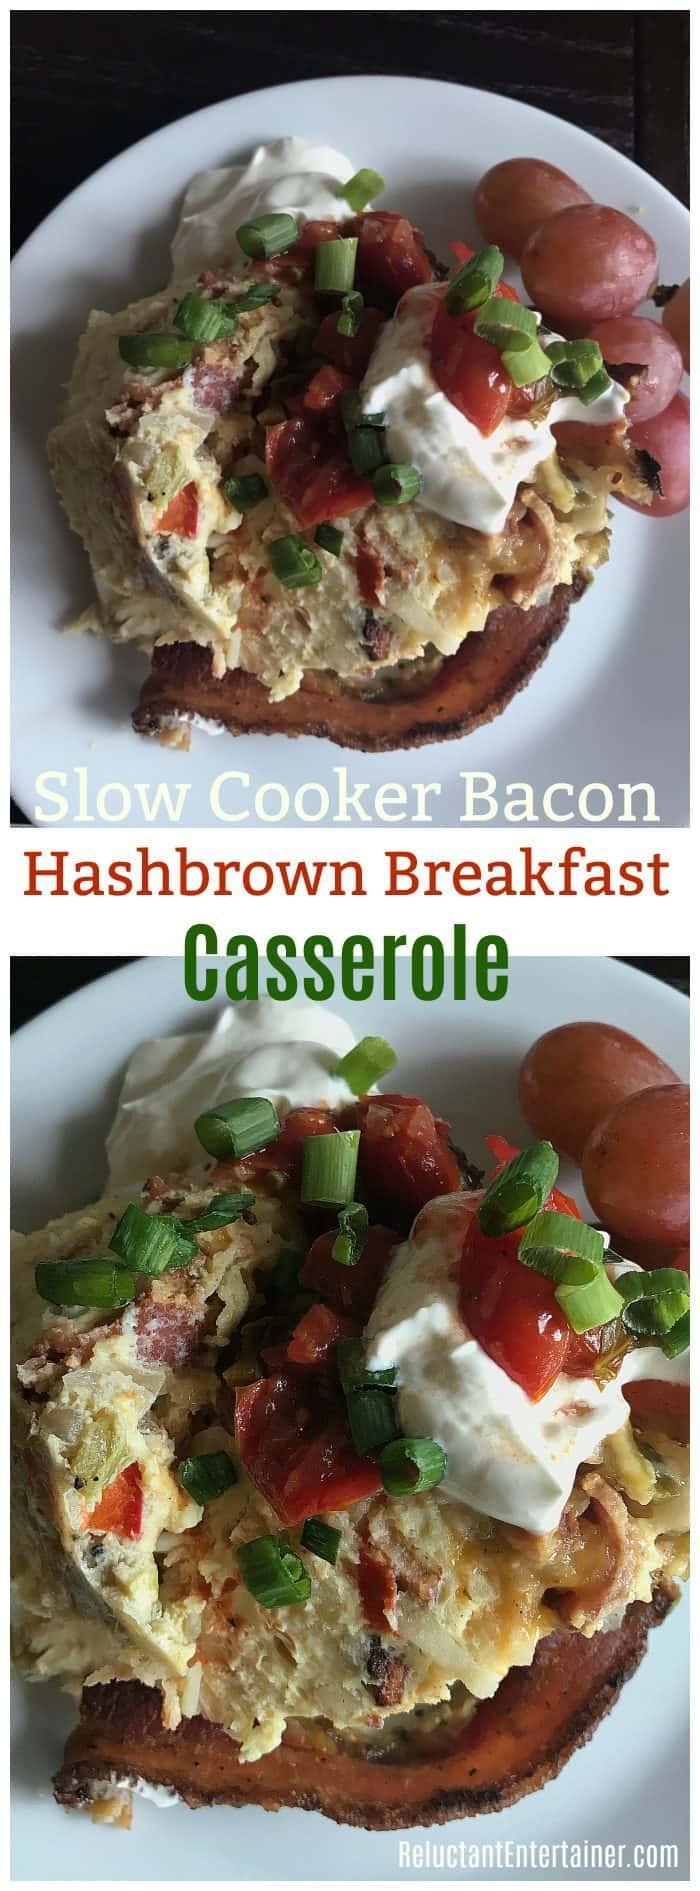 Slow Cooker Bacon Hashbrown Breakfast Casserole